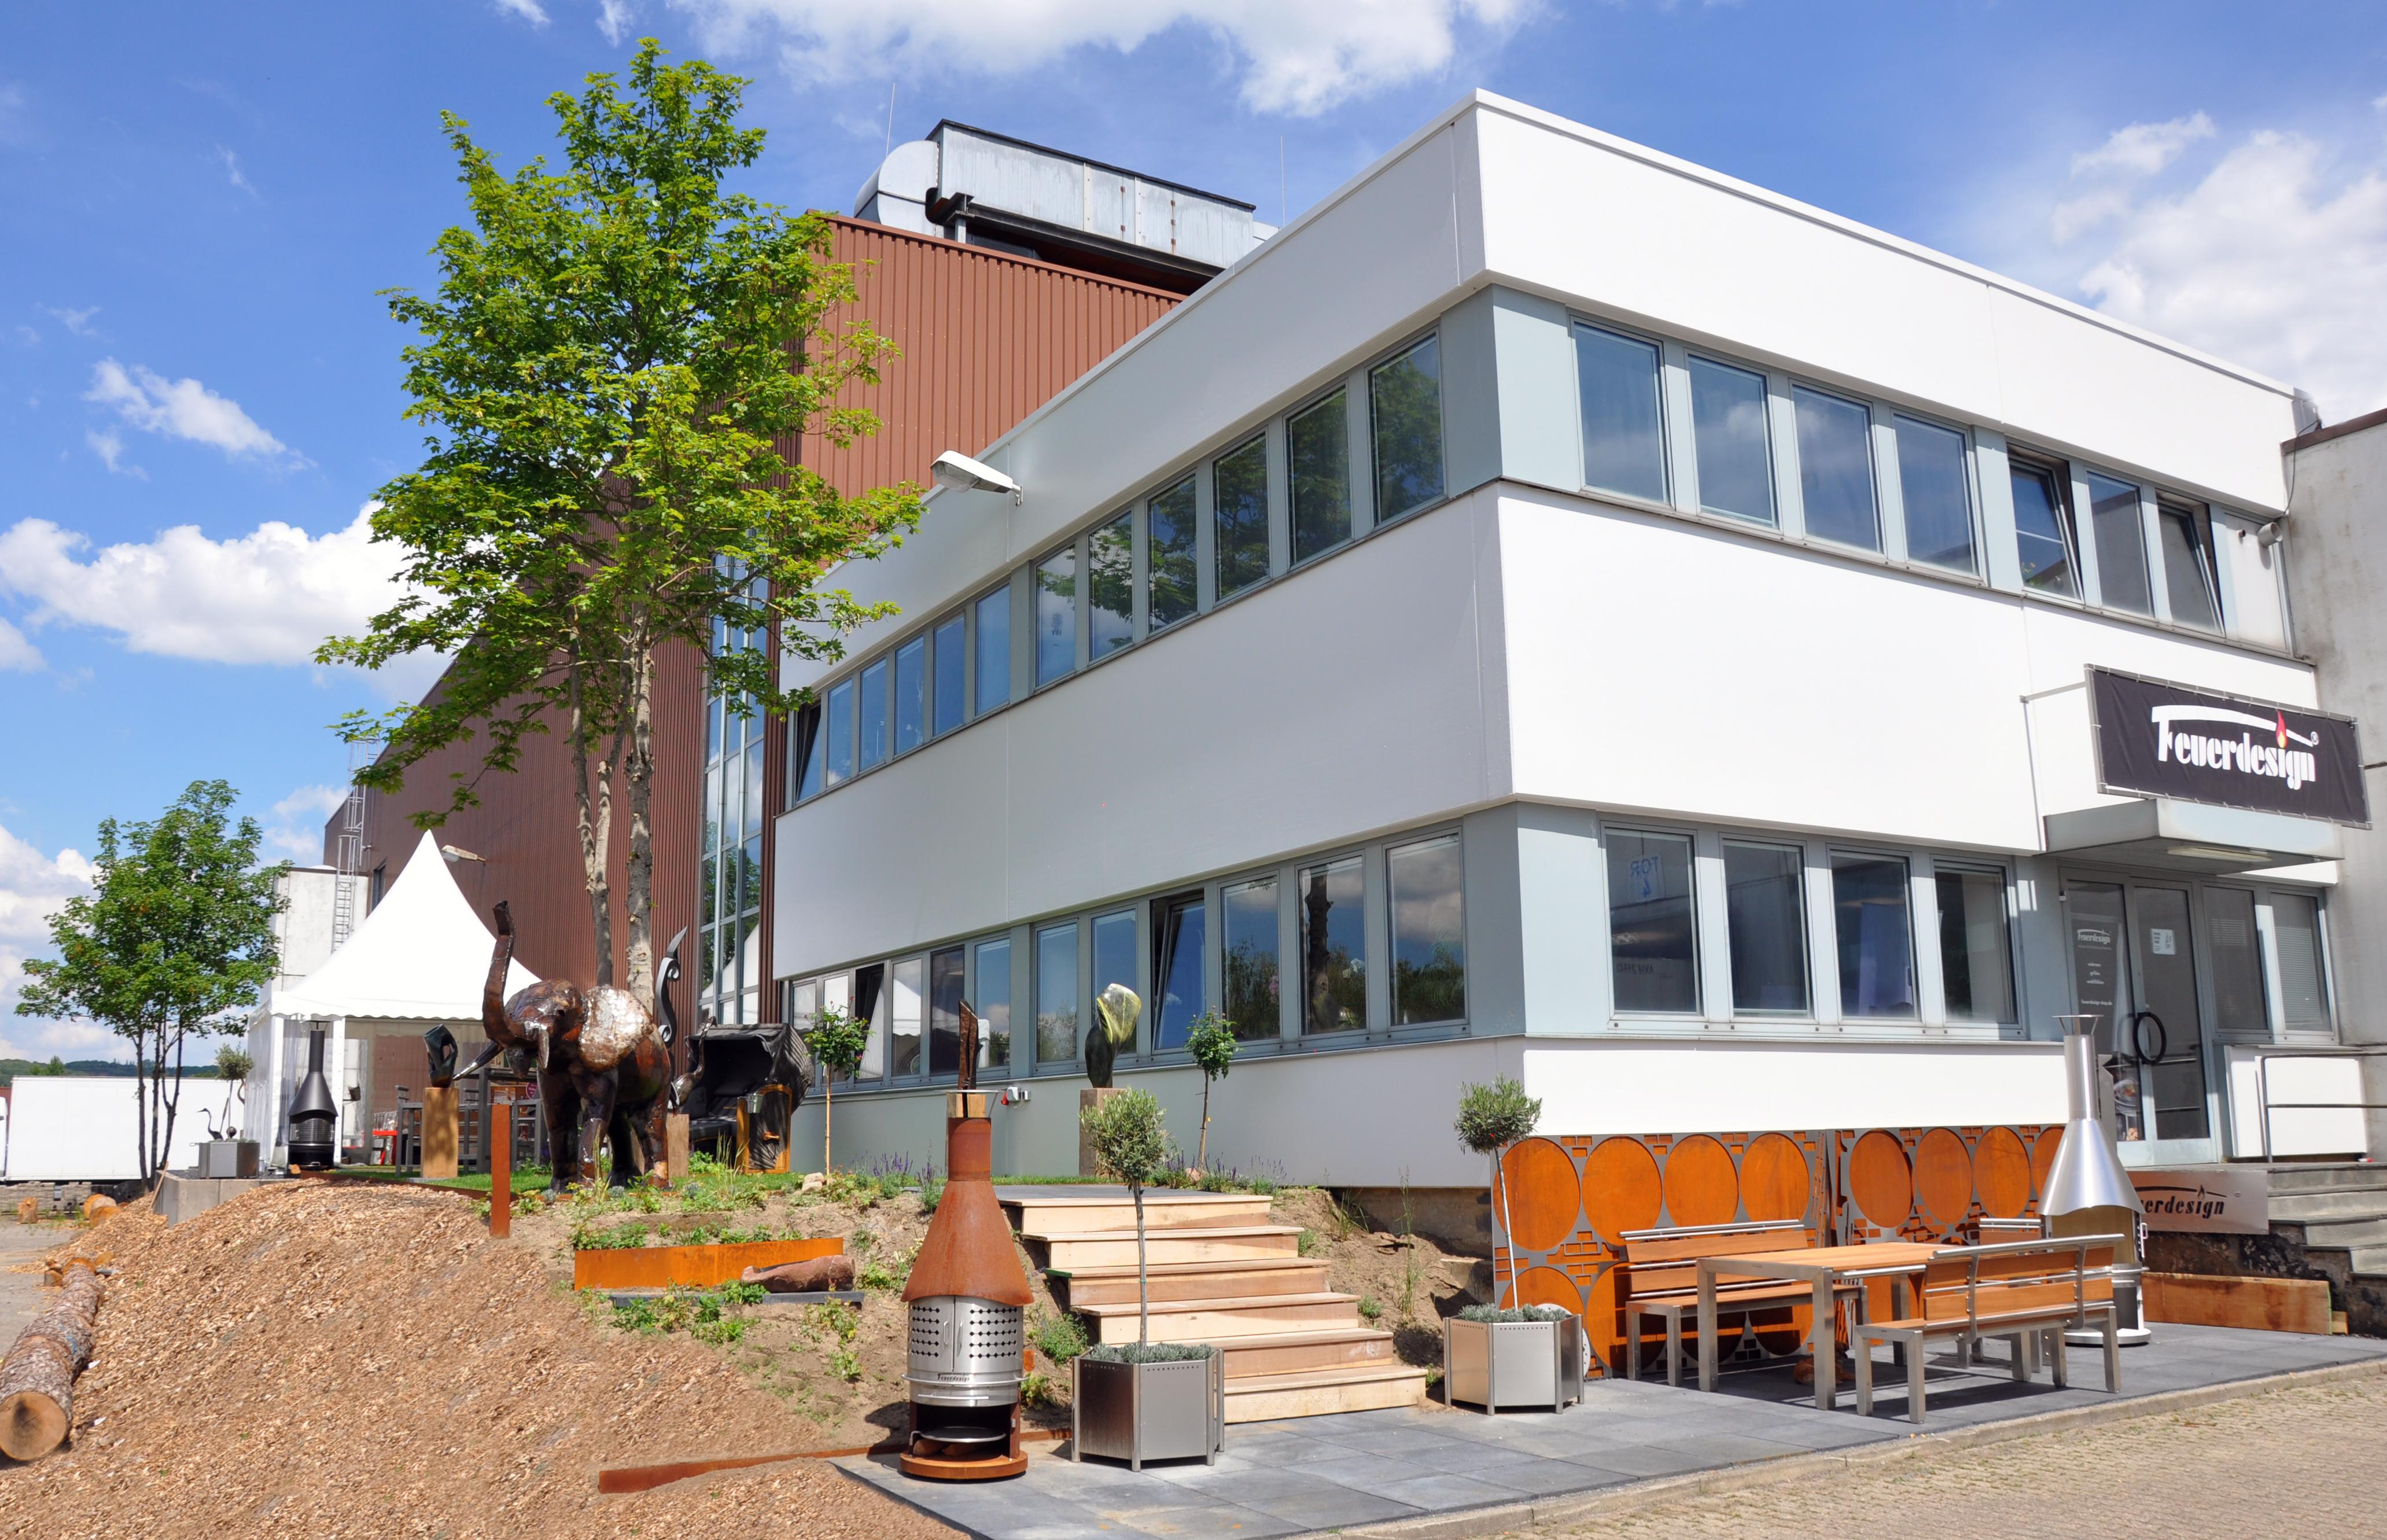 Das Unternehmen FEUERDESIGN, das seinen Geschäftsbereich Tischgrills und Online Shop in Essen hat, ist ab sofort Business Partner von Rot-Weiss Essen. (Foto: FEUERDESIGN)